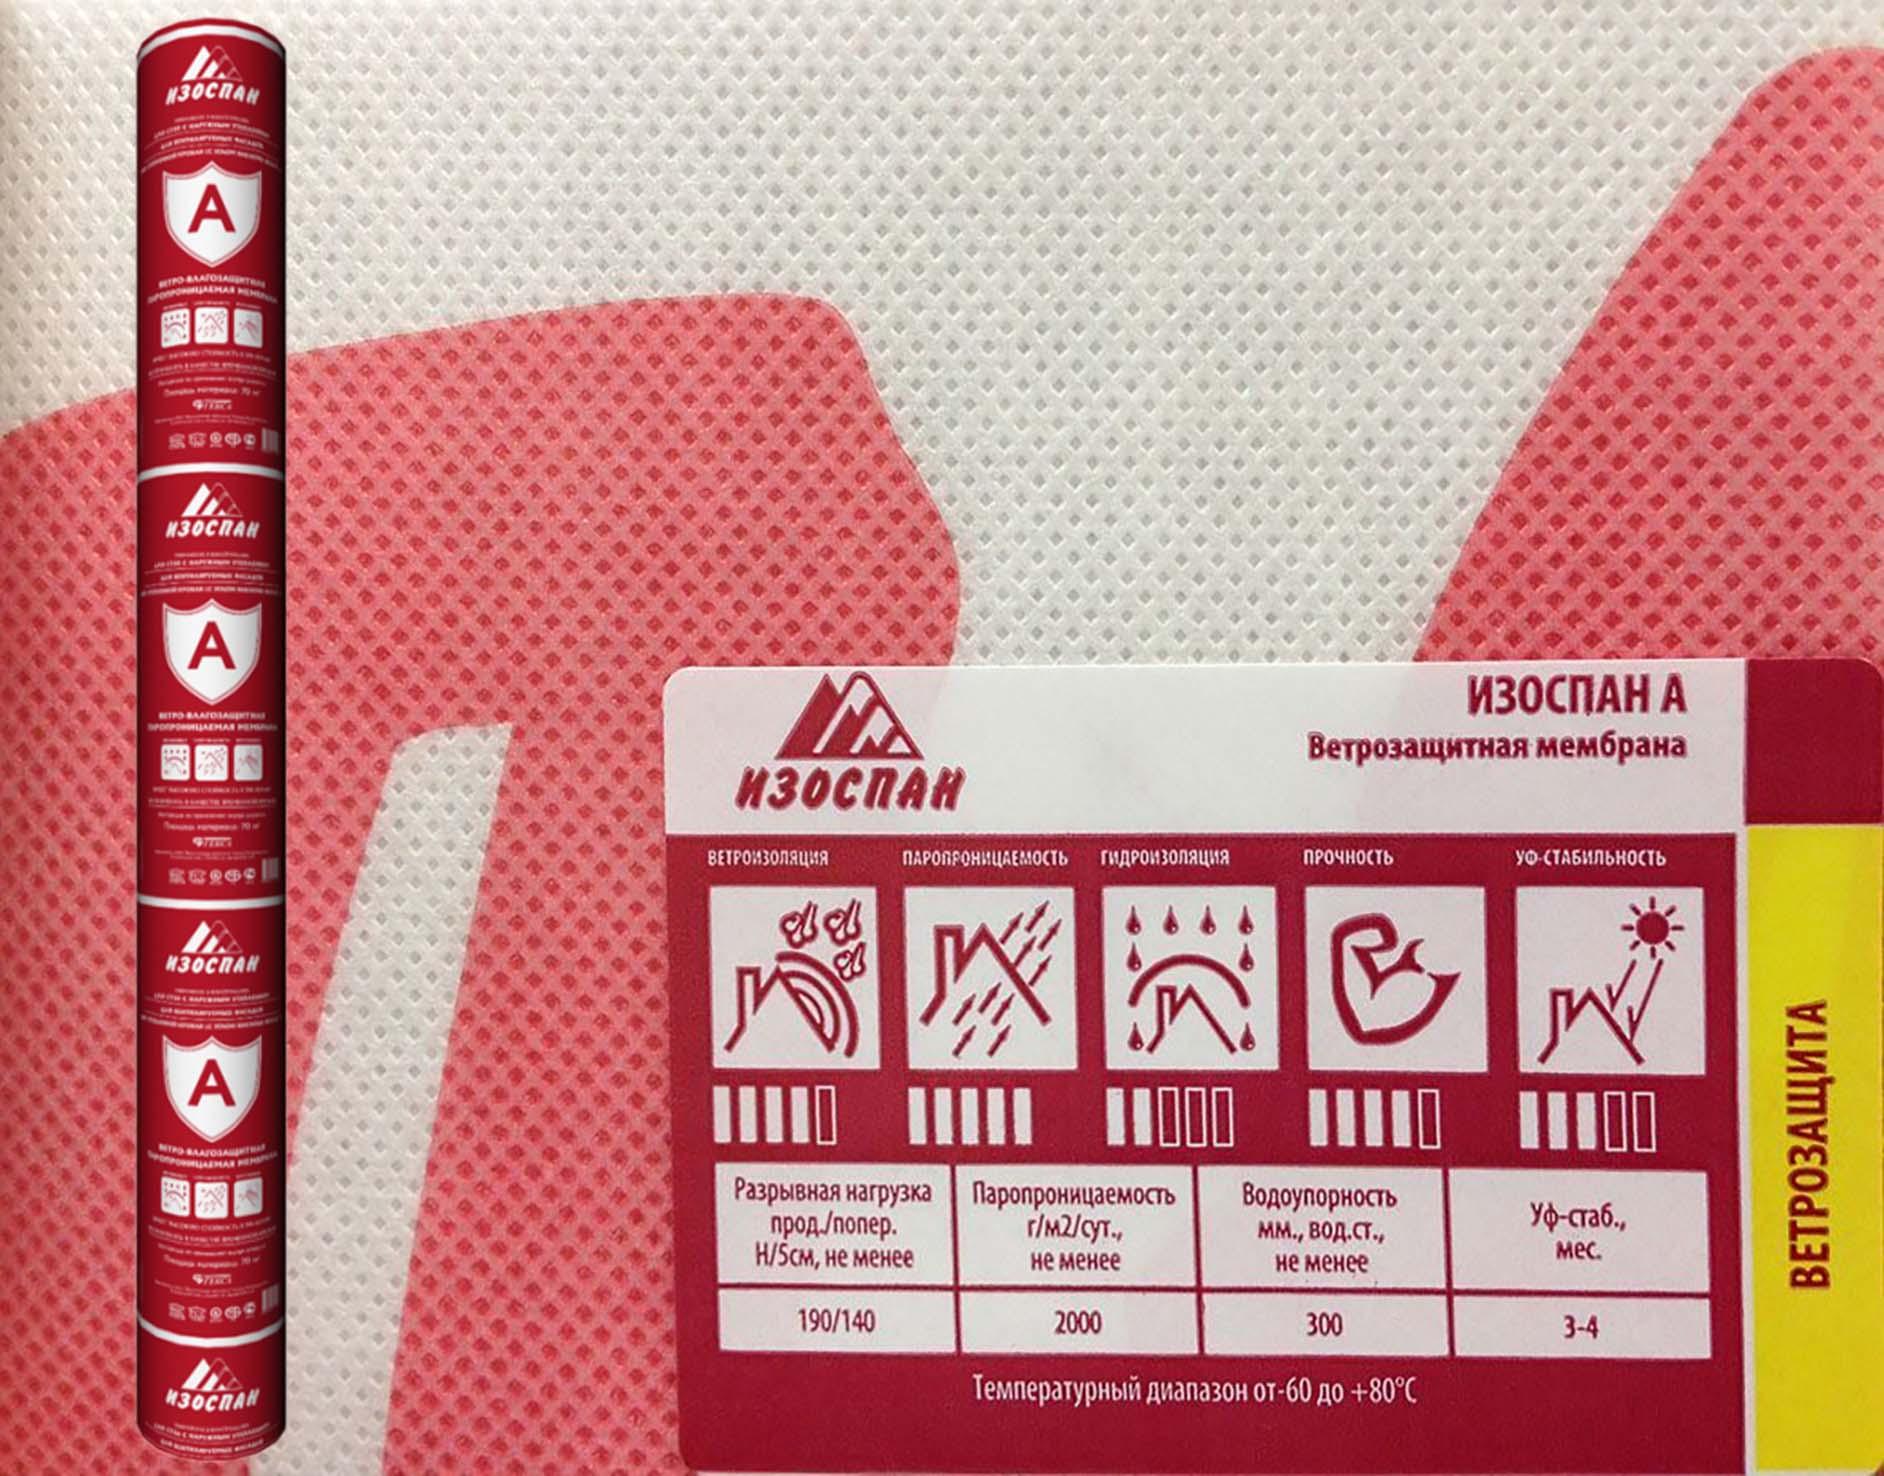 Изучаем Изоспан: подробная инструкция по применению всех существующих марок